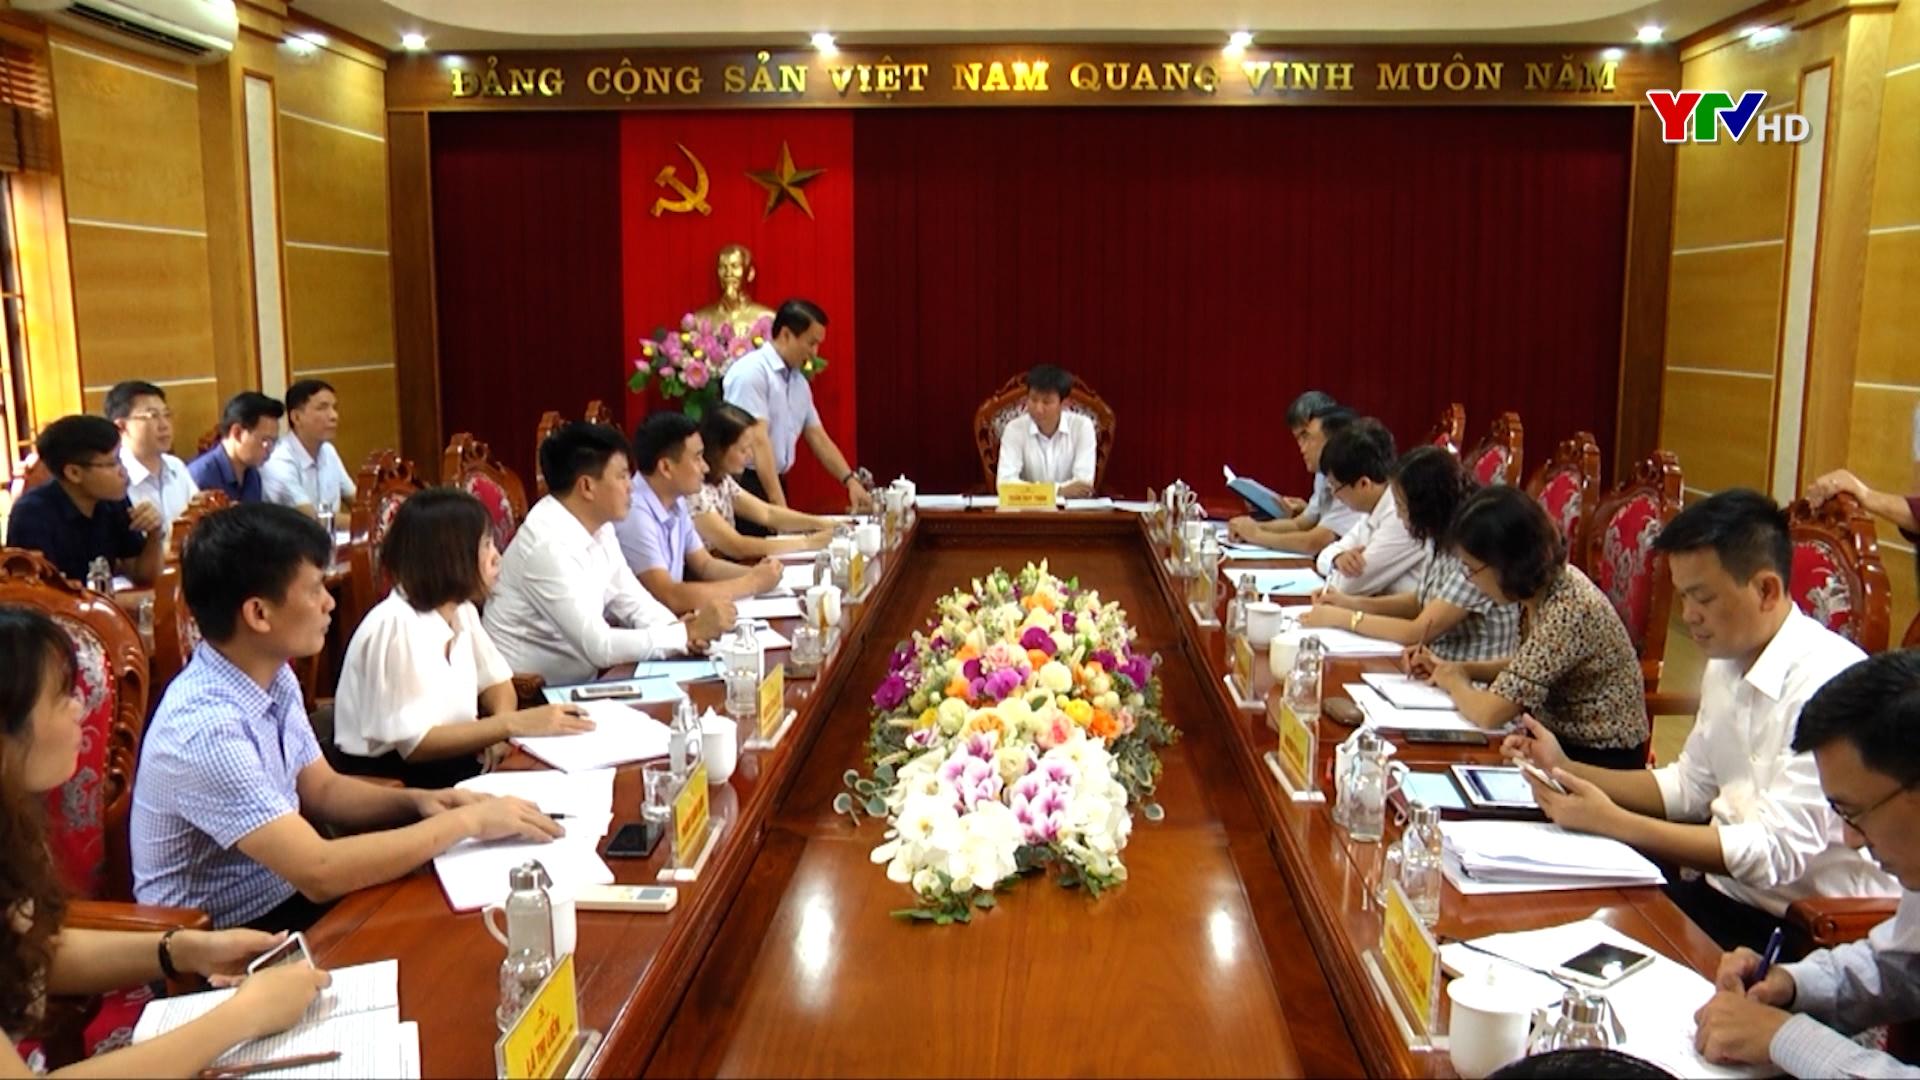 Đồng chí Chủ tịch UBND tỉnh Trần Huy Tuấn cùng đoàn công tác làm việc với Ban Thường vụ Huyện ủy Văn Yên